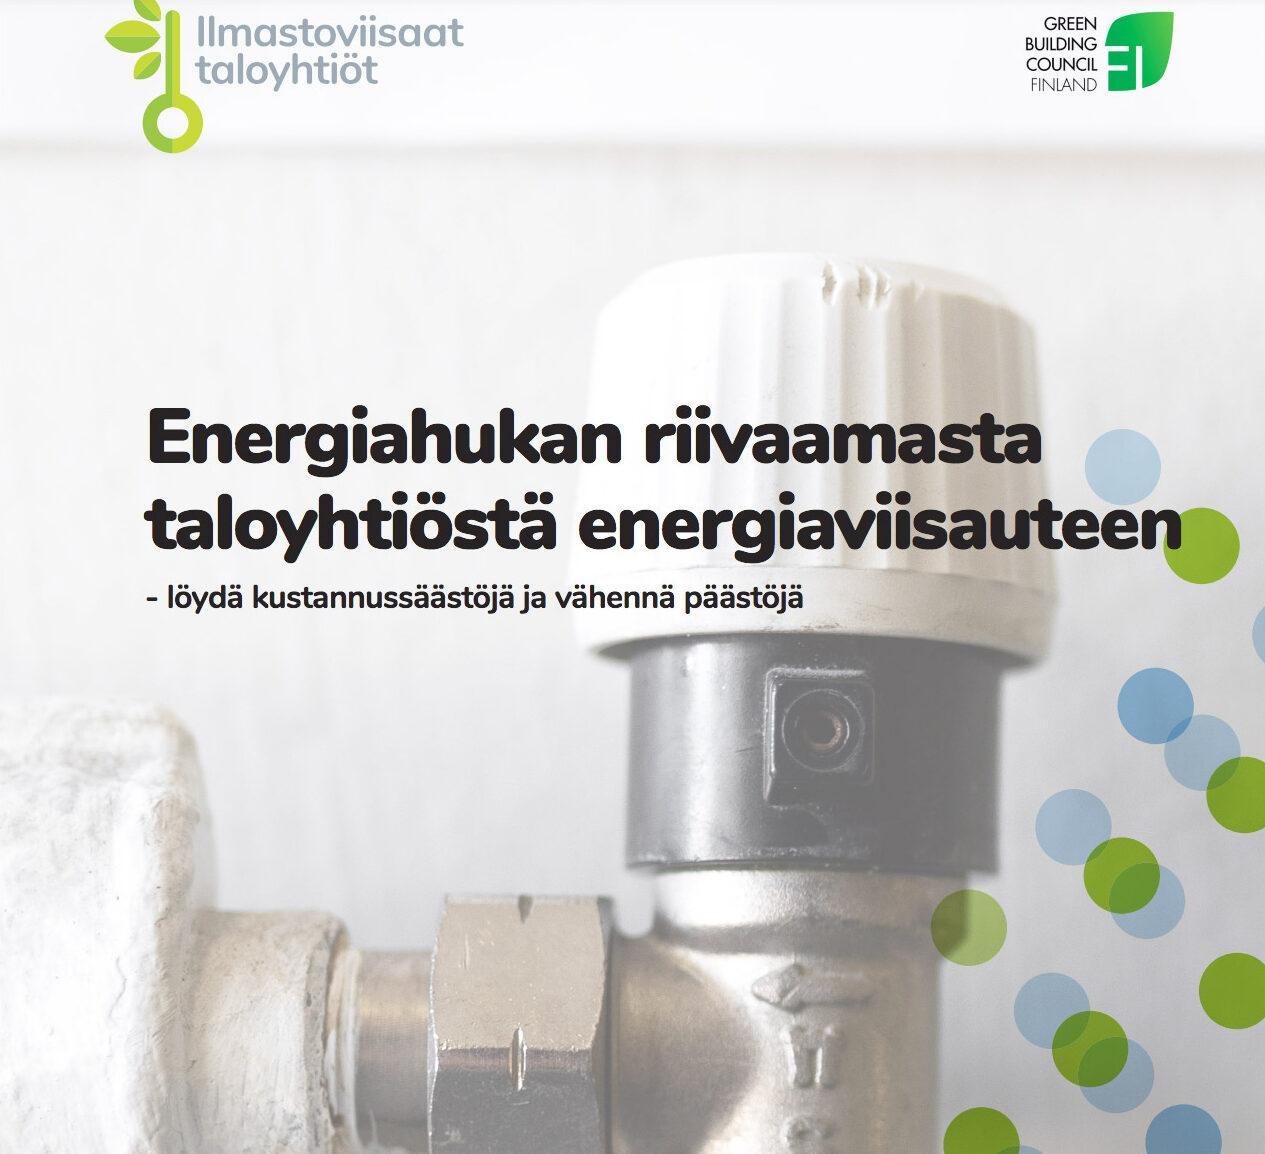 Cover for article 'Energiahukan riivaamasta taloyhtiöstä energiaviisauteen'